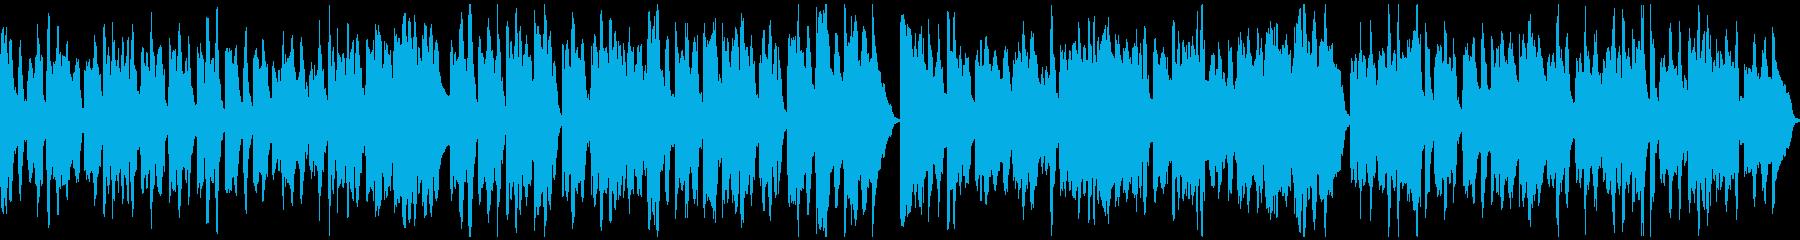 メルヘン風BGMの再生済みの波形